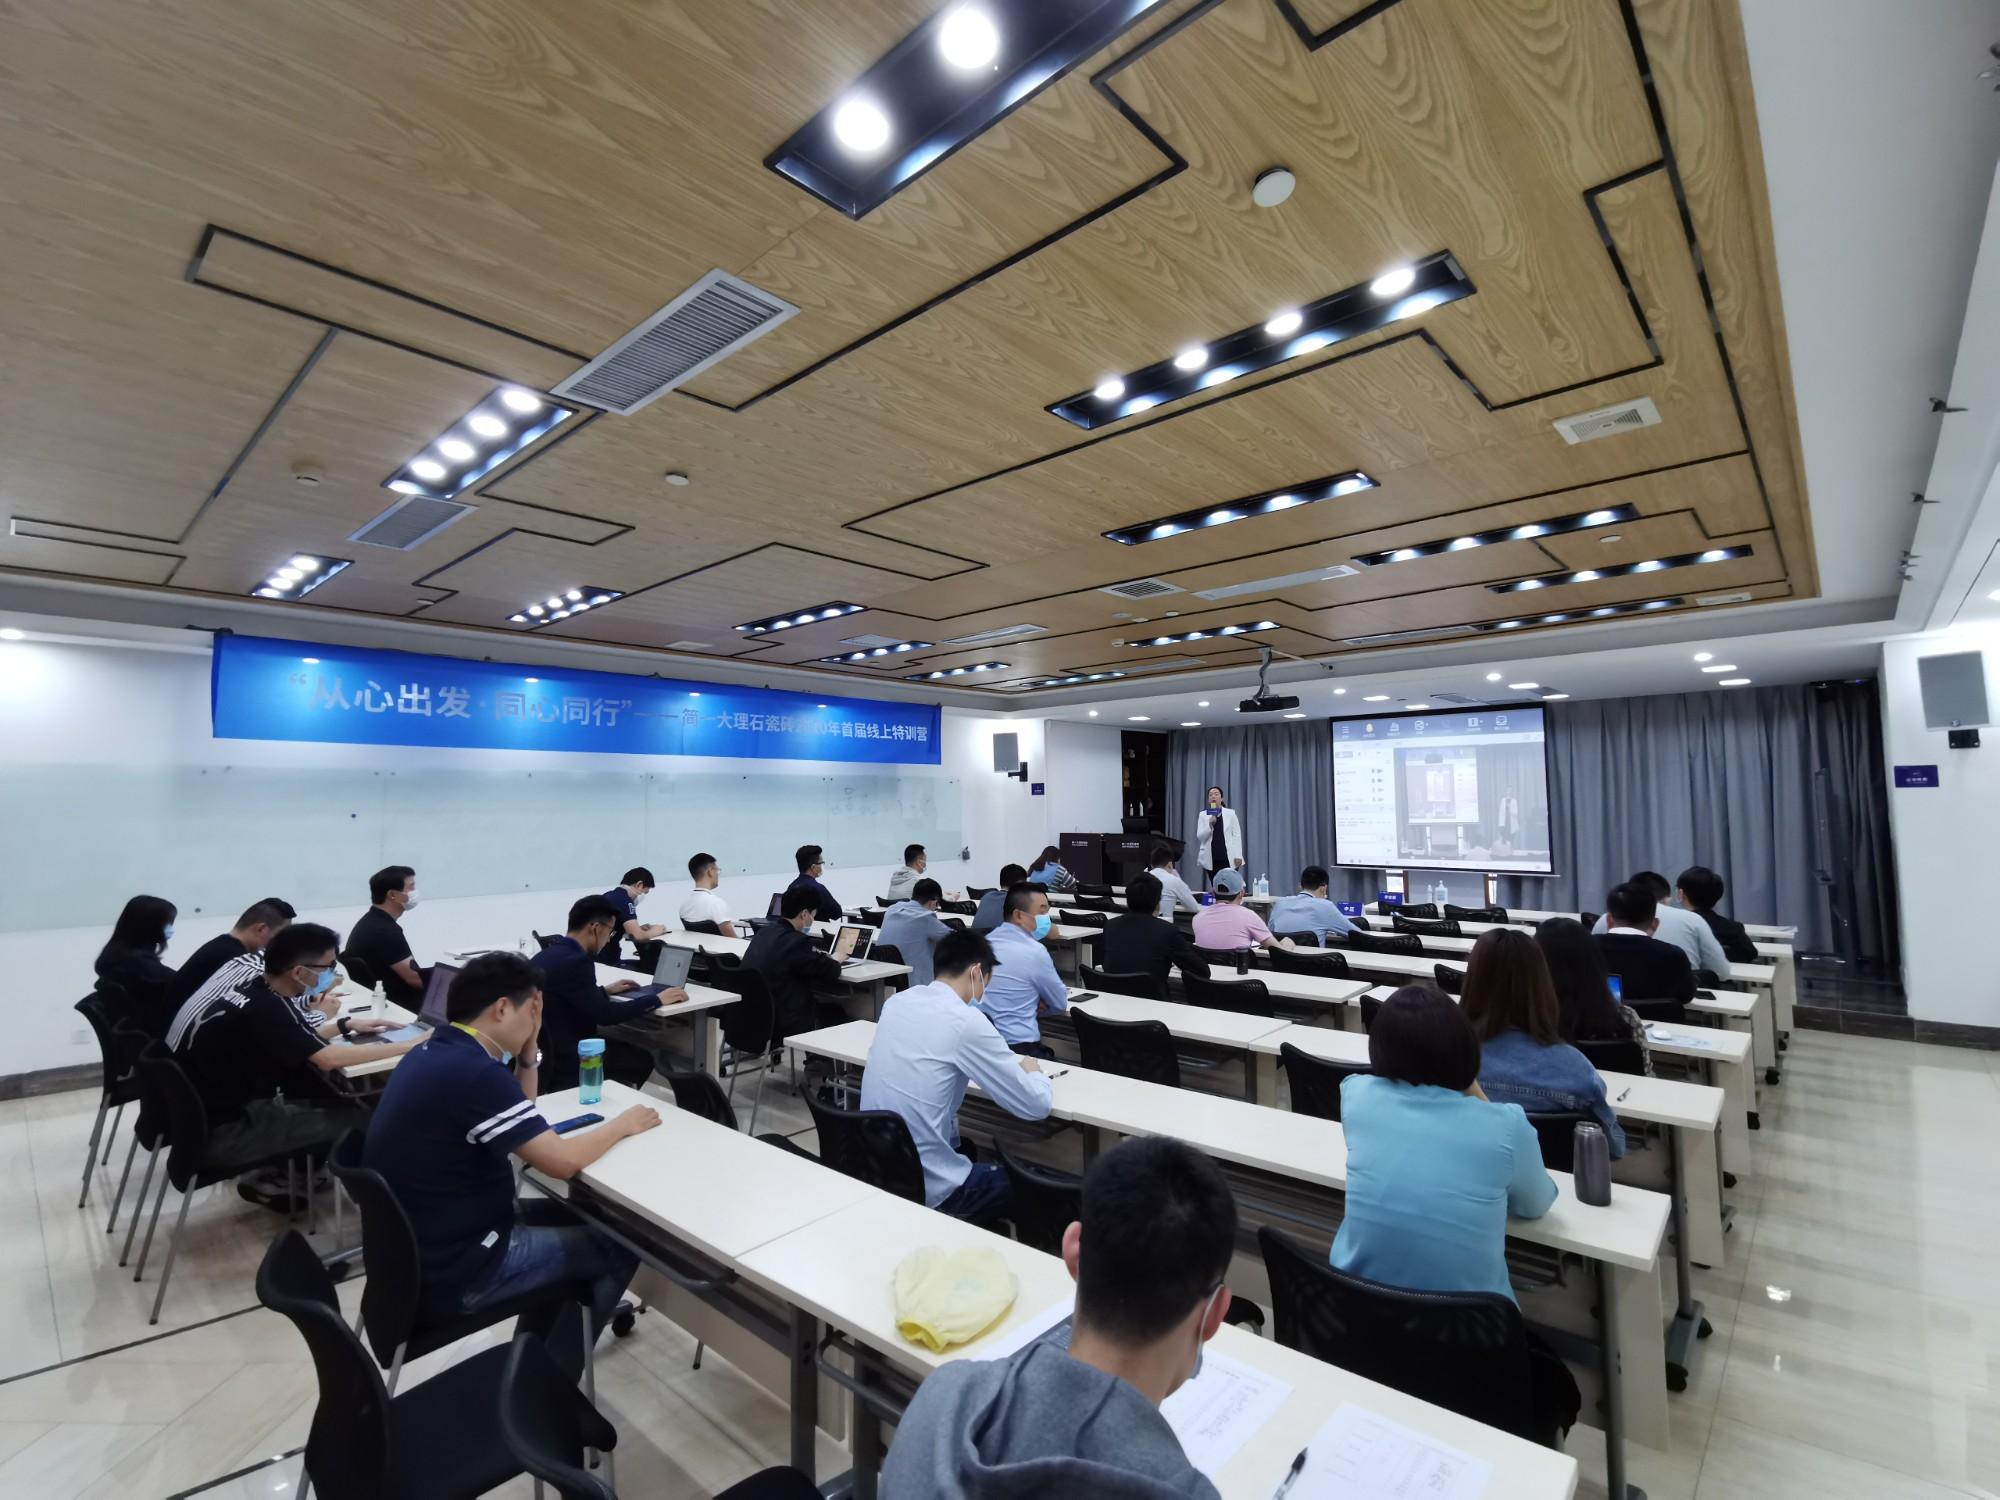 Das erste Online-Trainingslager 2020 wurde erfolgreich durchgeführt